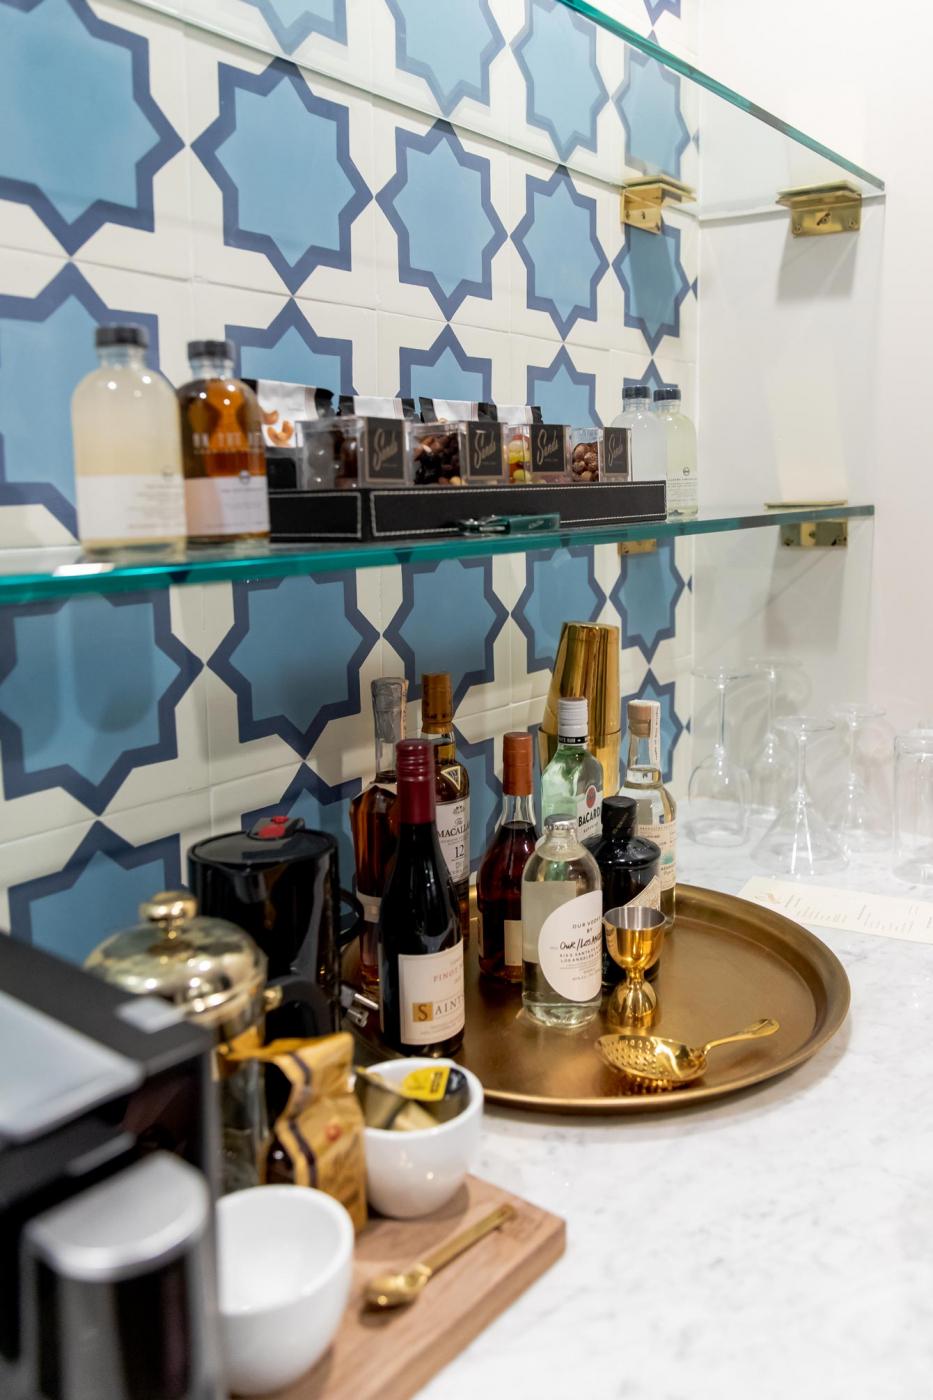 Sands Hotel Room Design